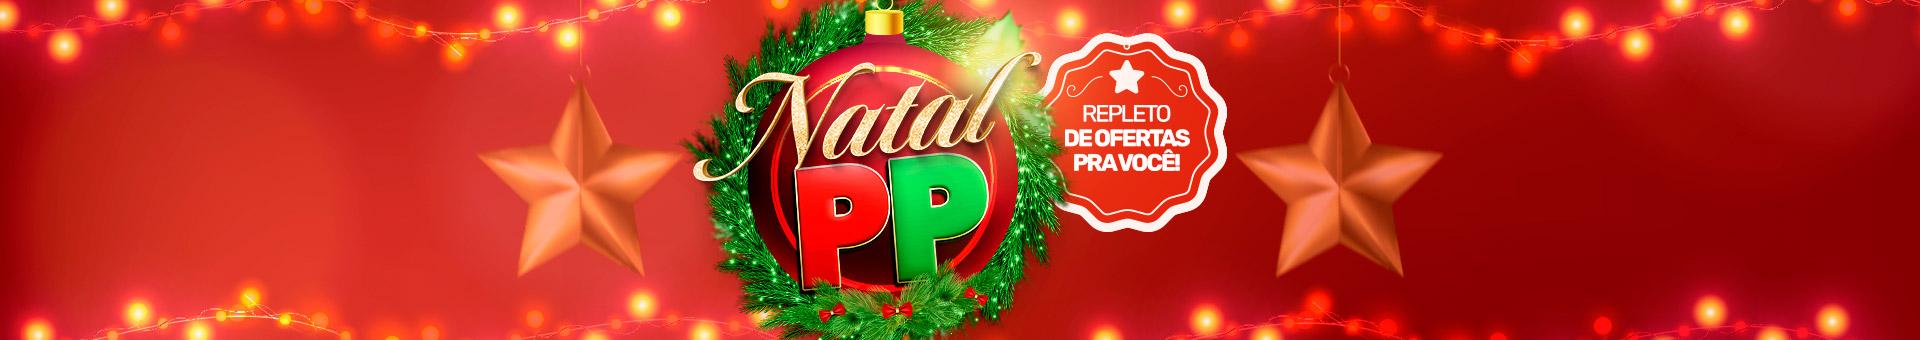 Banner Natal Desktop